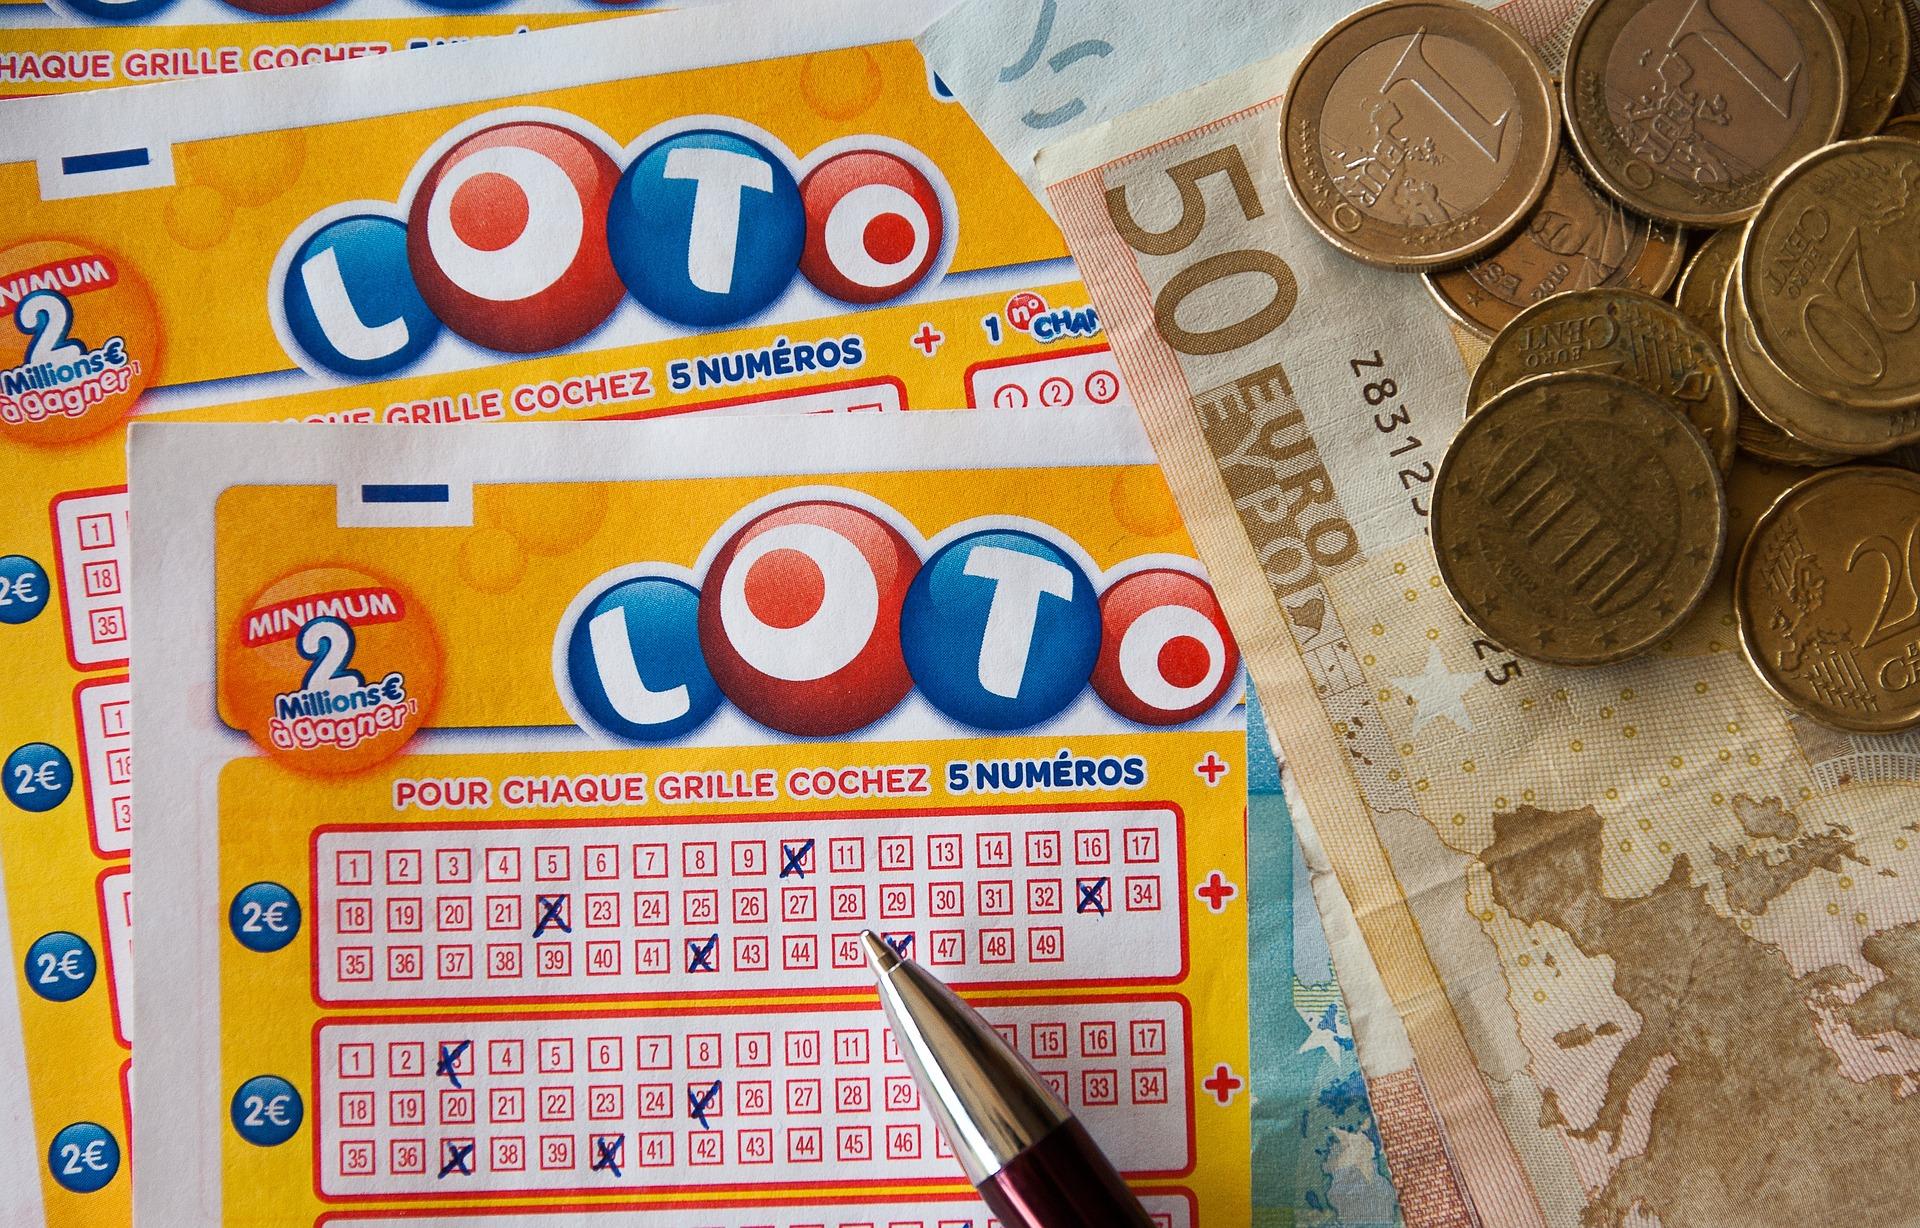 imagen sobre la ludopatía y la lotería de navidad